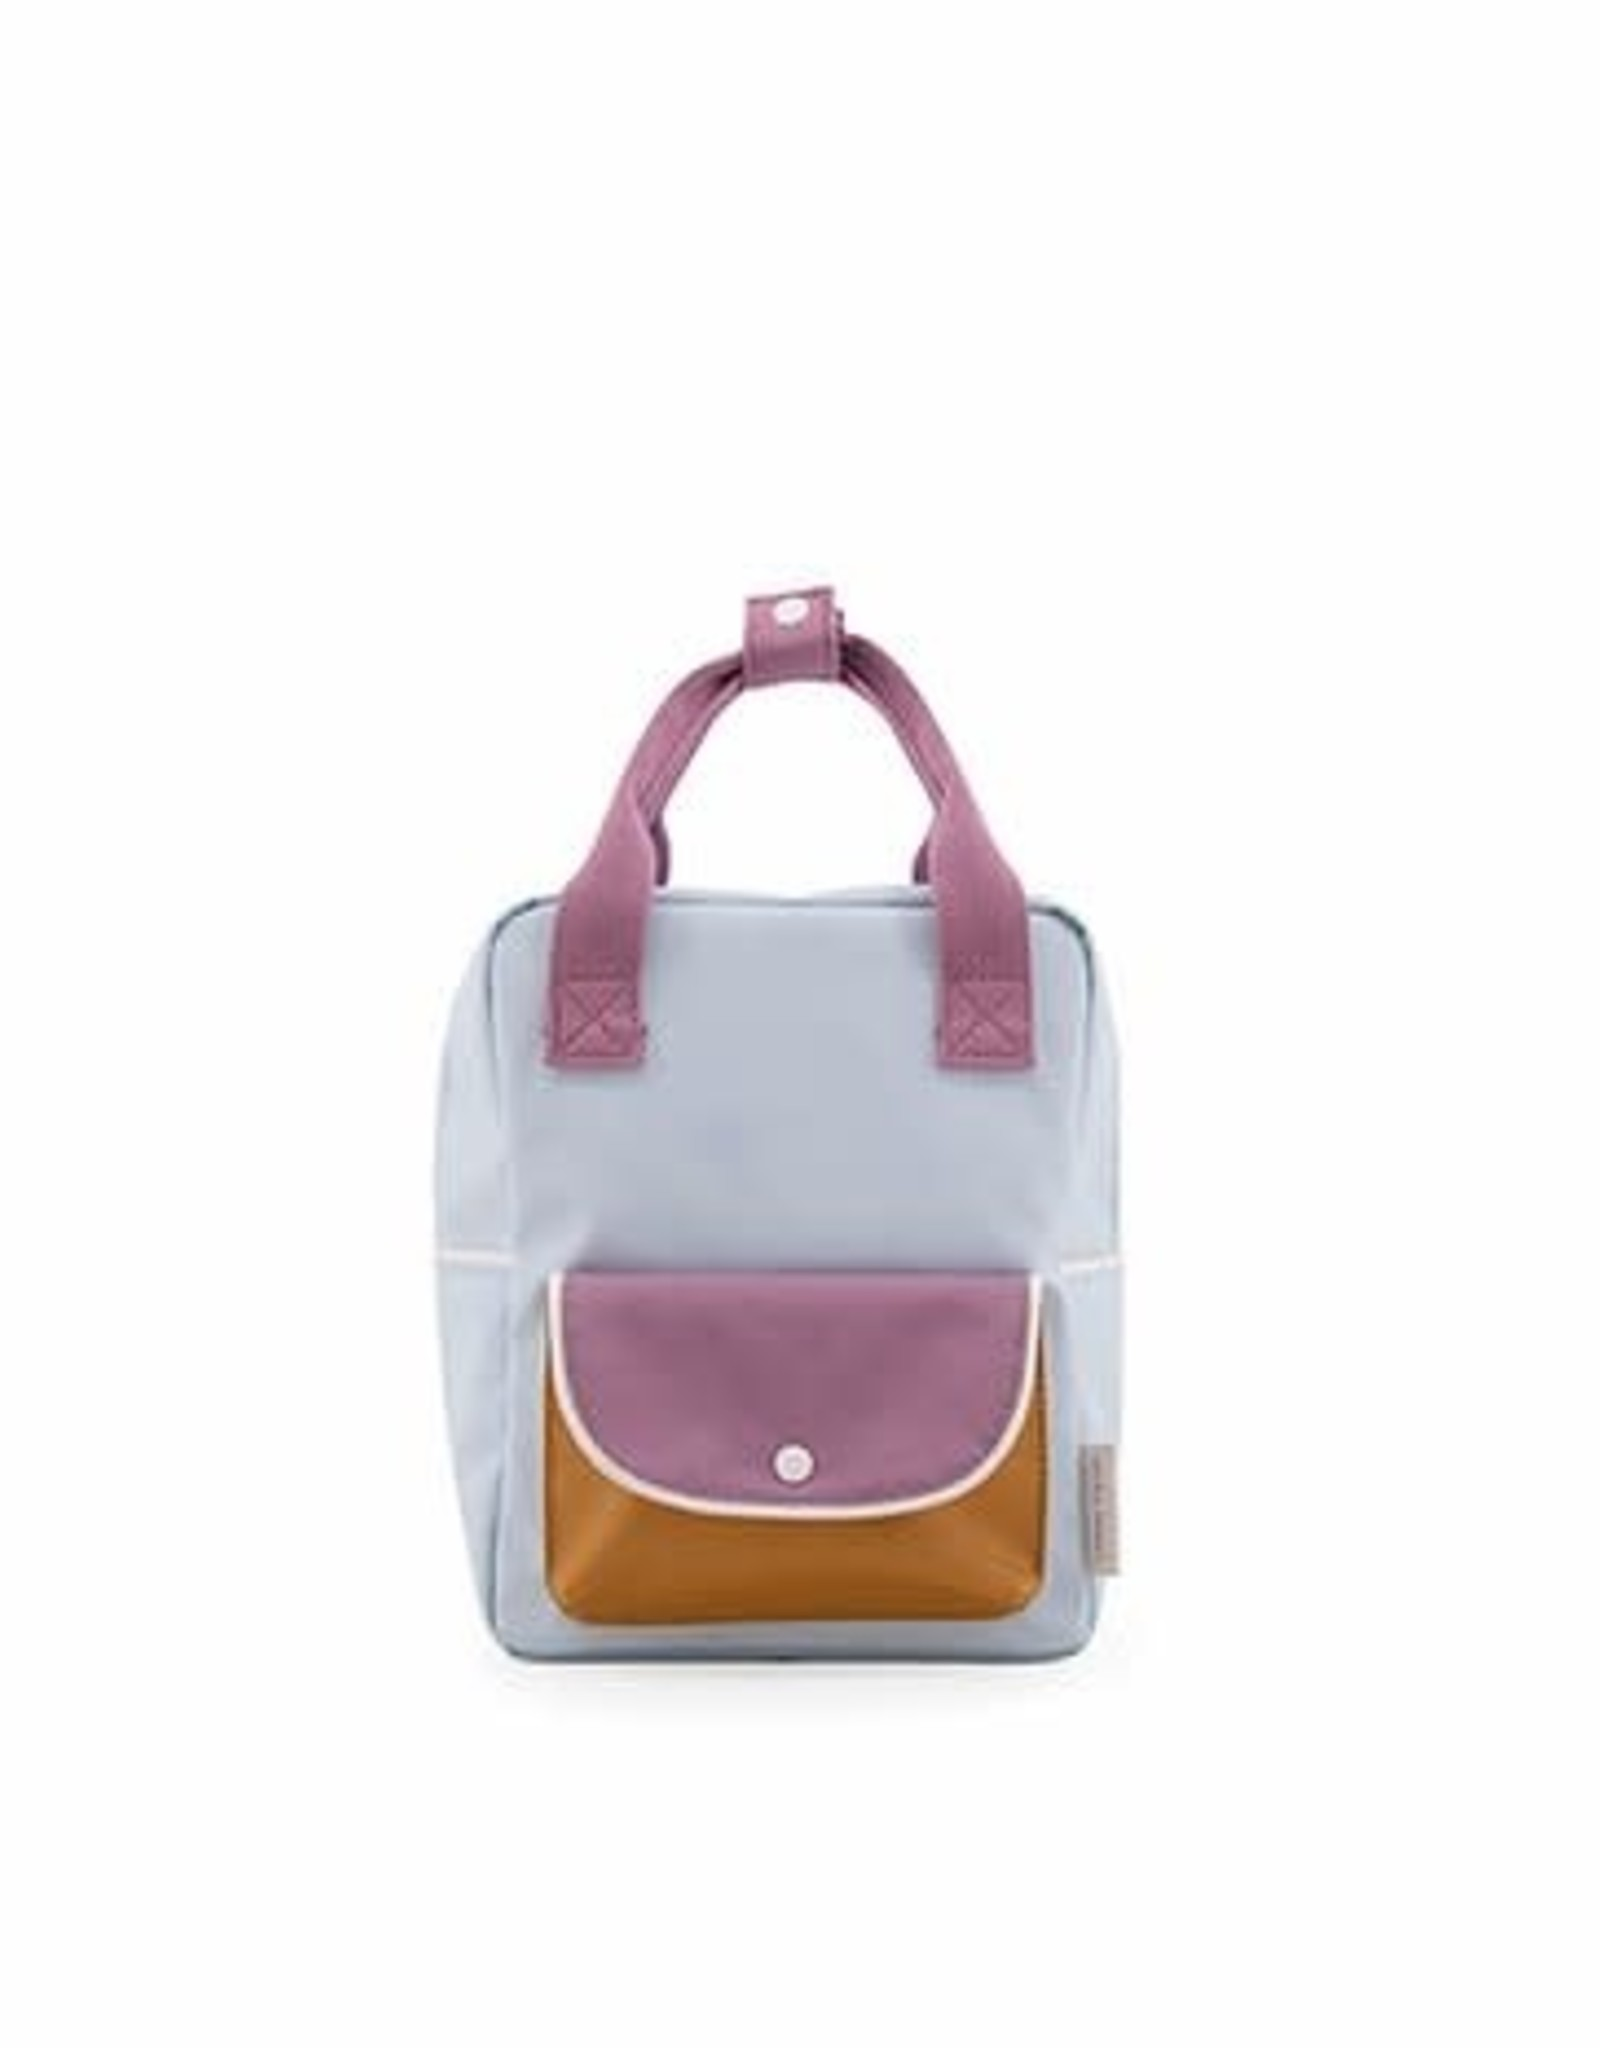 Sticky Lemon Sticky lemon: Small backpack wanderer  sky blue + pirate purple + caramel fudge